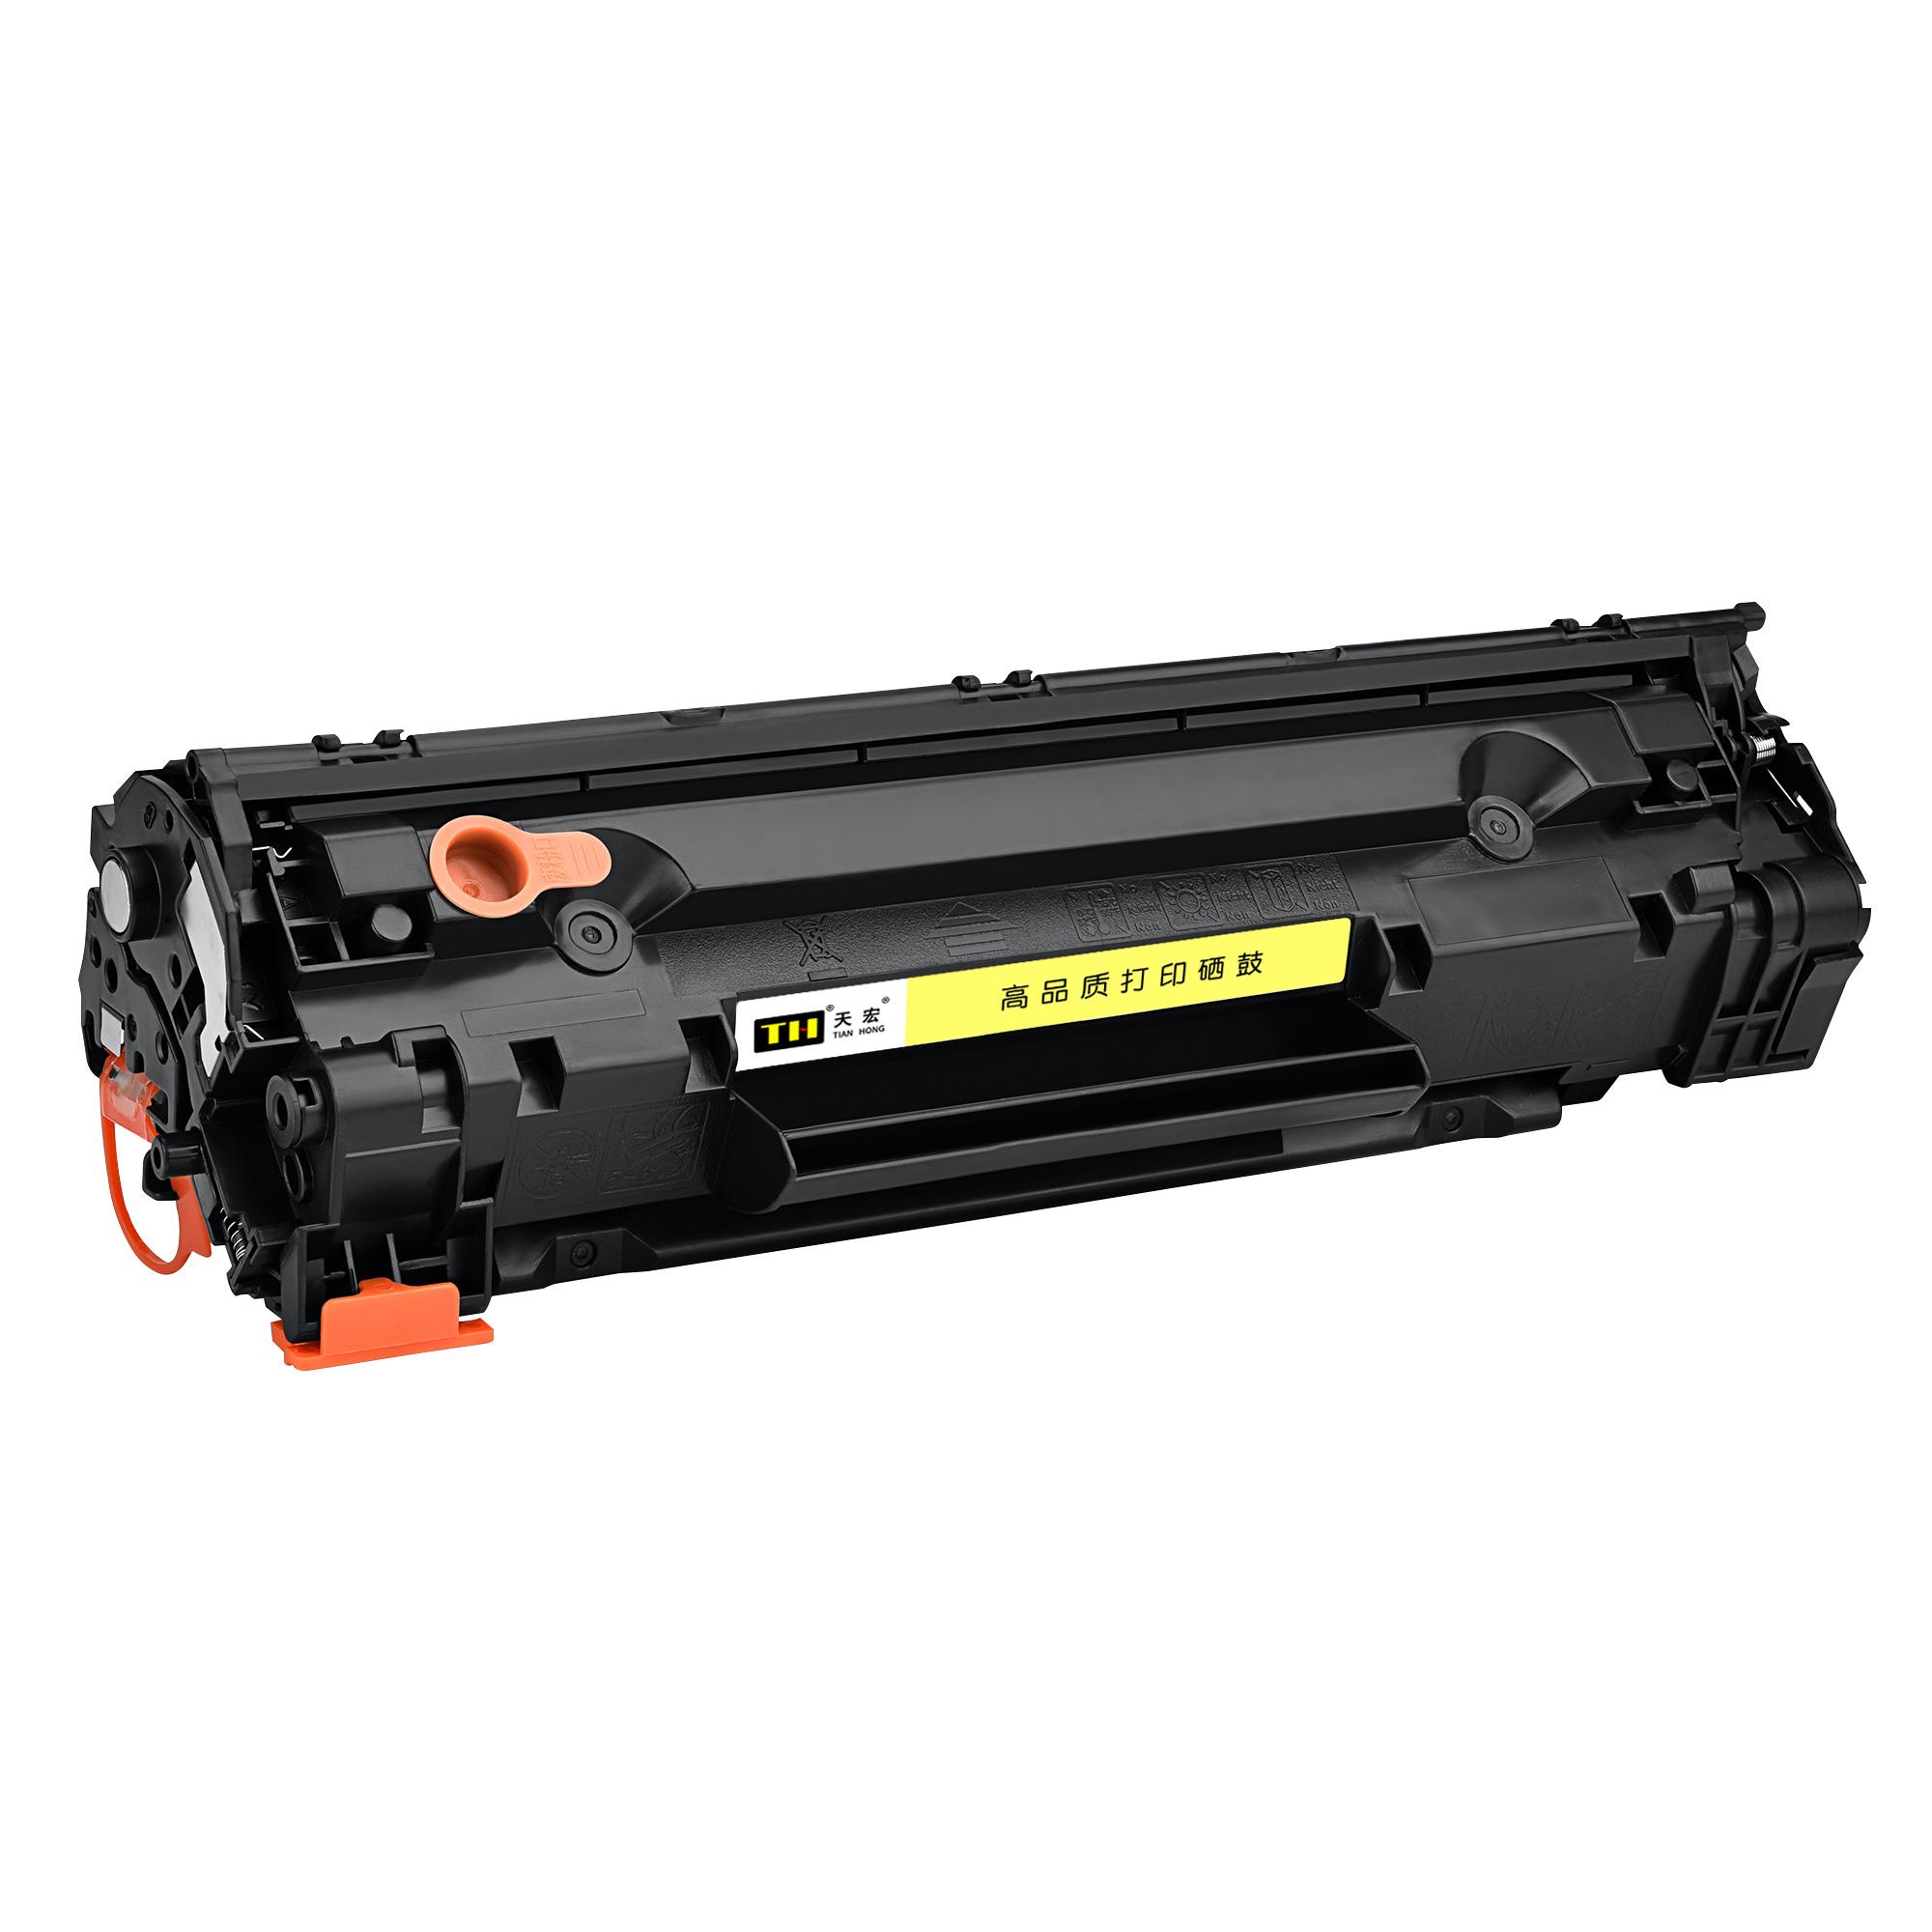 天宏适用惠普M126a-nw硒鼓M128fp-fn-fw打印机墨盒M1219nf hp388a